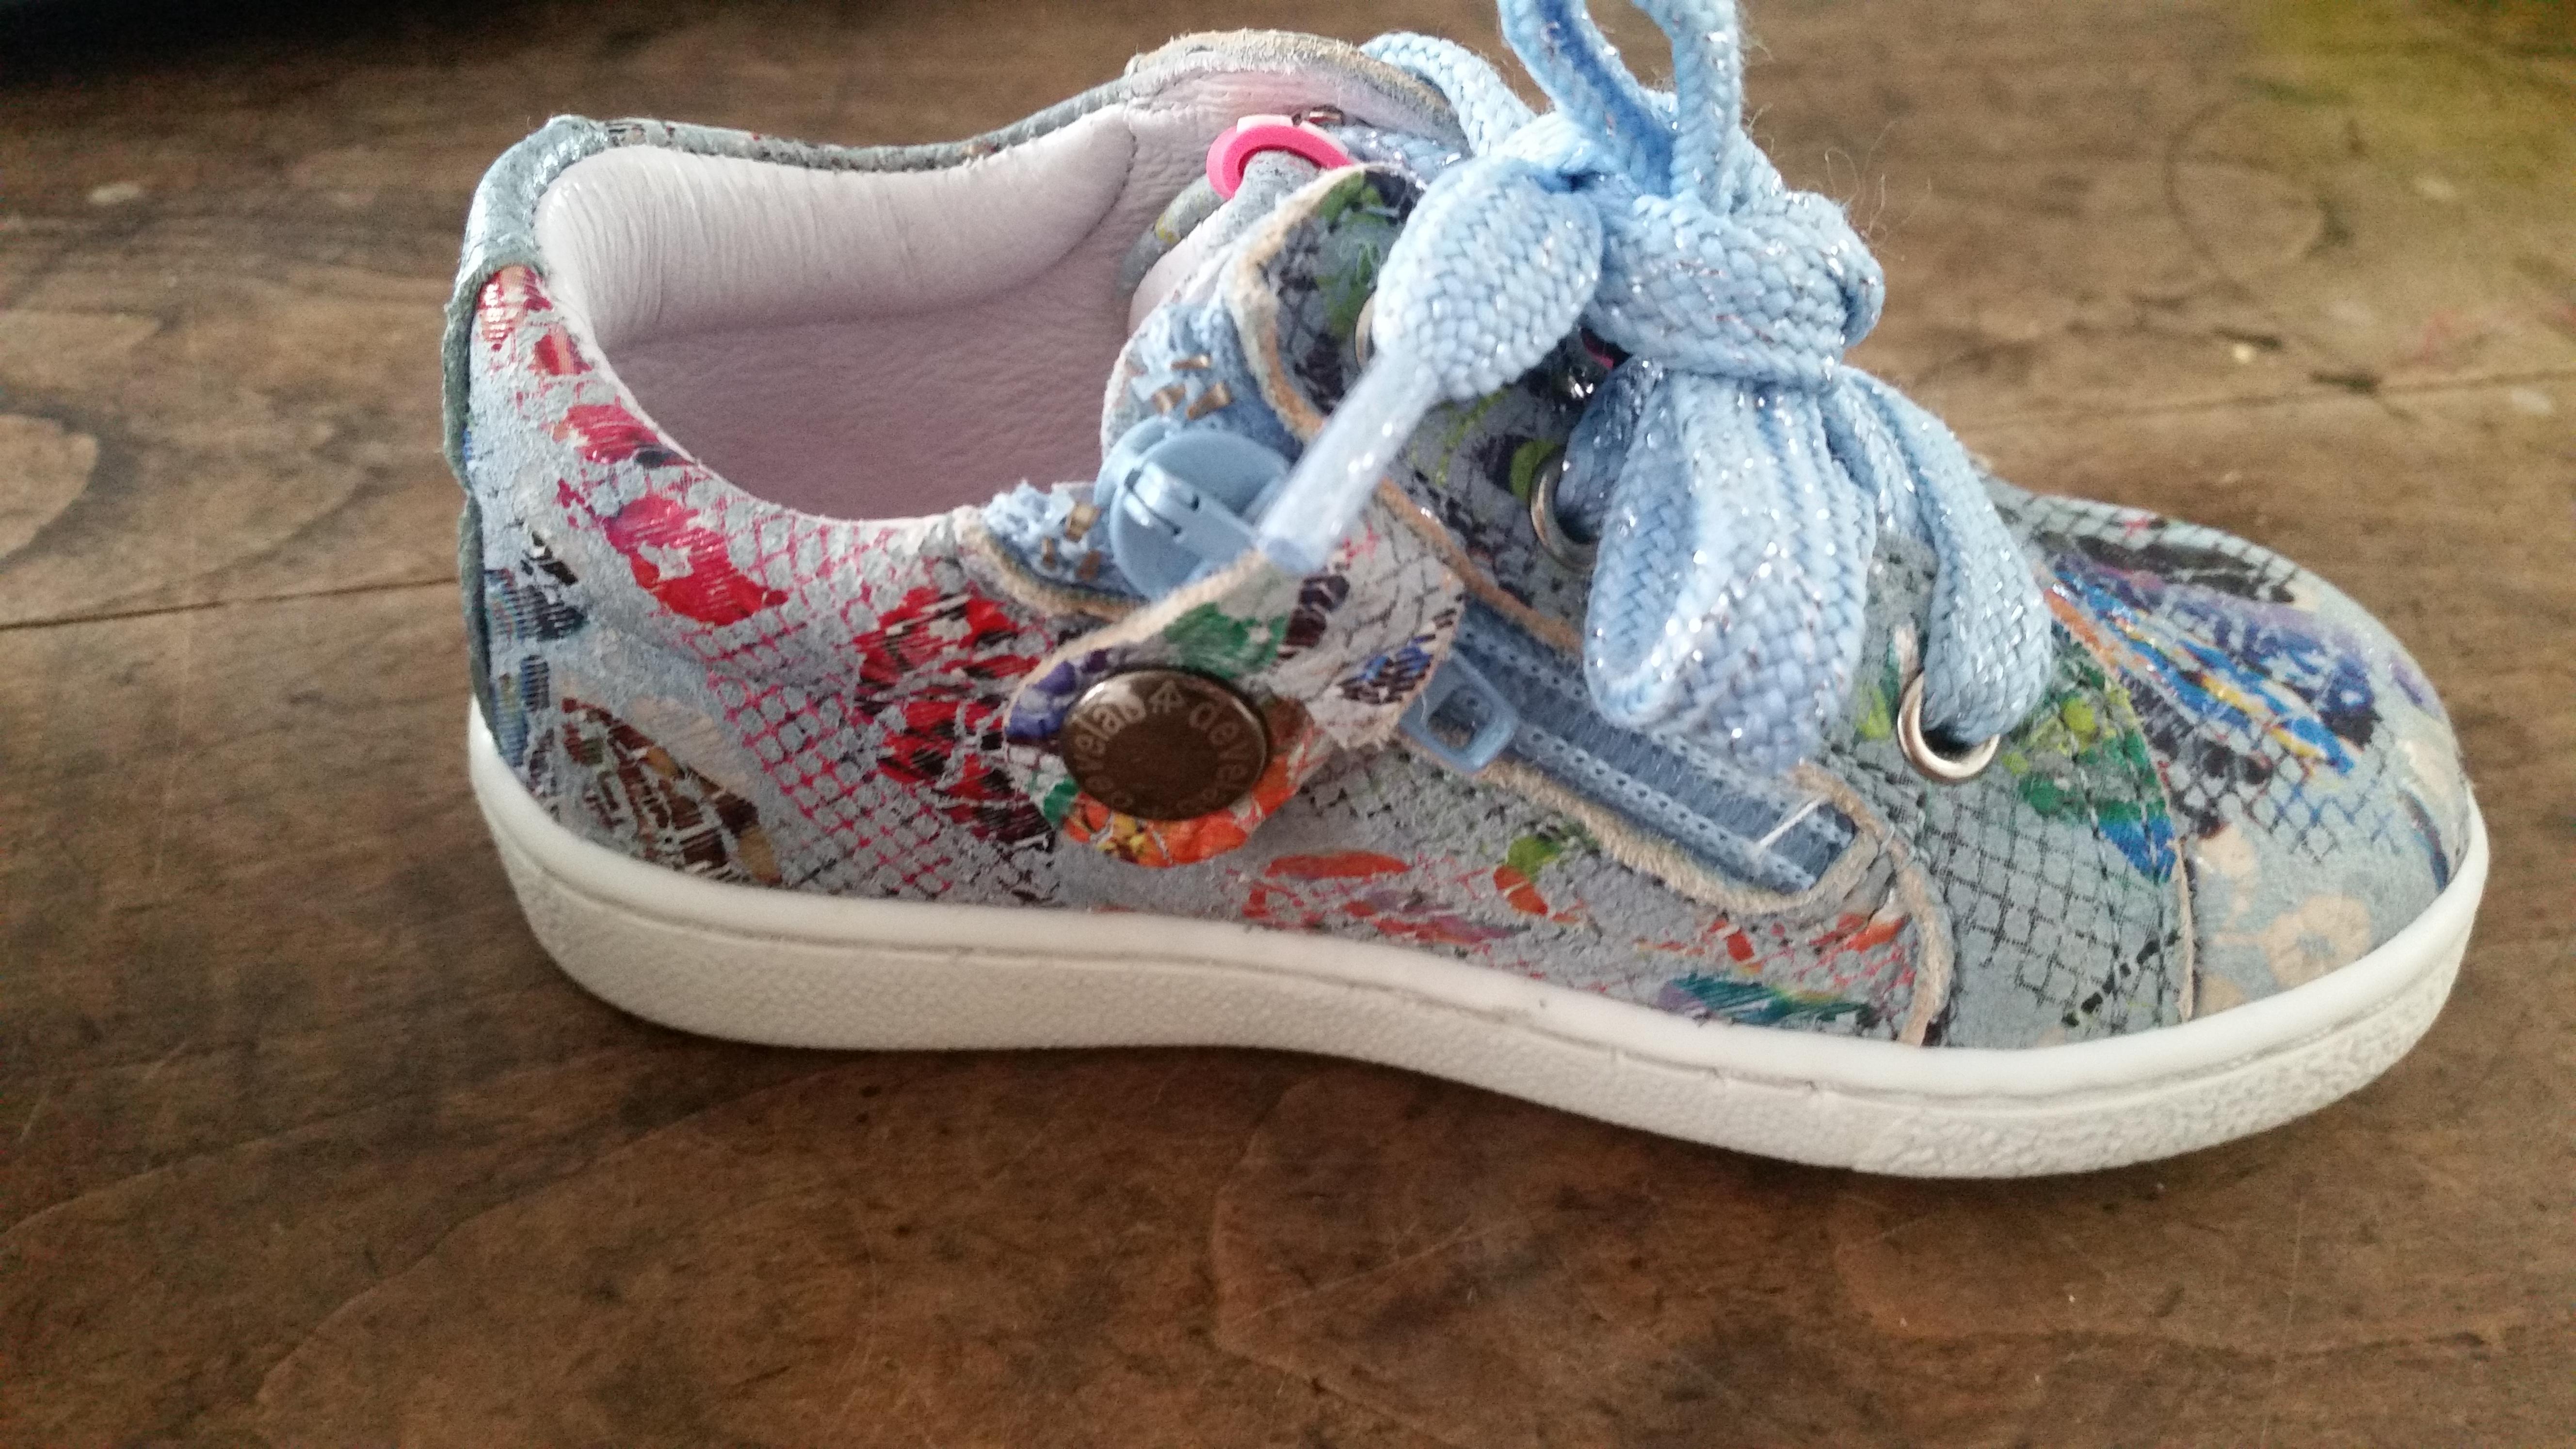 5-16-smalle-voeten-tips-devalab-shoesme-twins-schoenen-kinderen-baby-veters-rits-sluiting-eerste-schoentjes-tip-maat-leeftijd-platte-harde-zolen-wanneer-rits